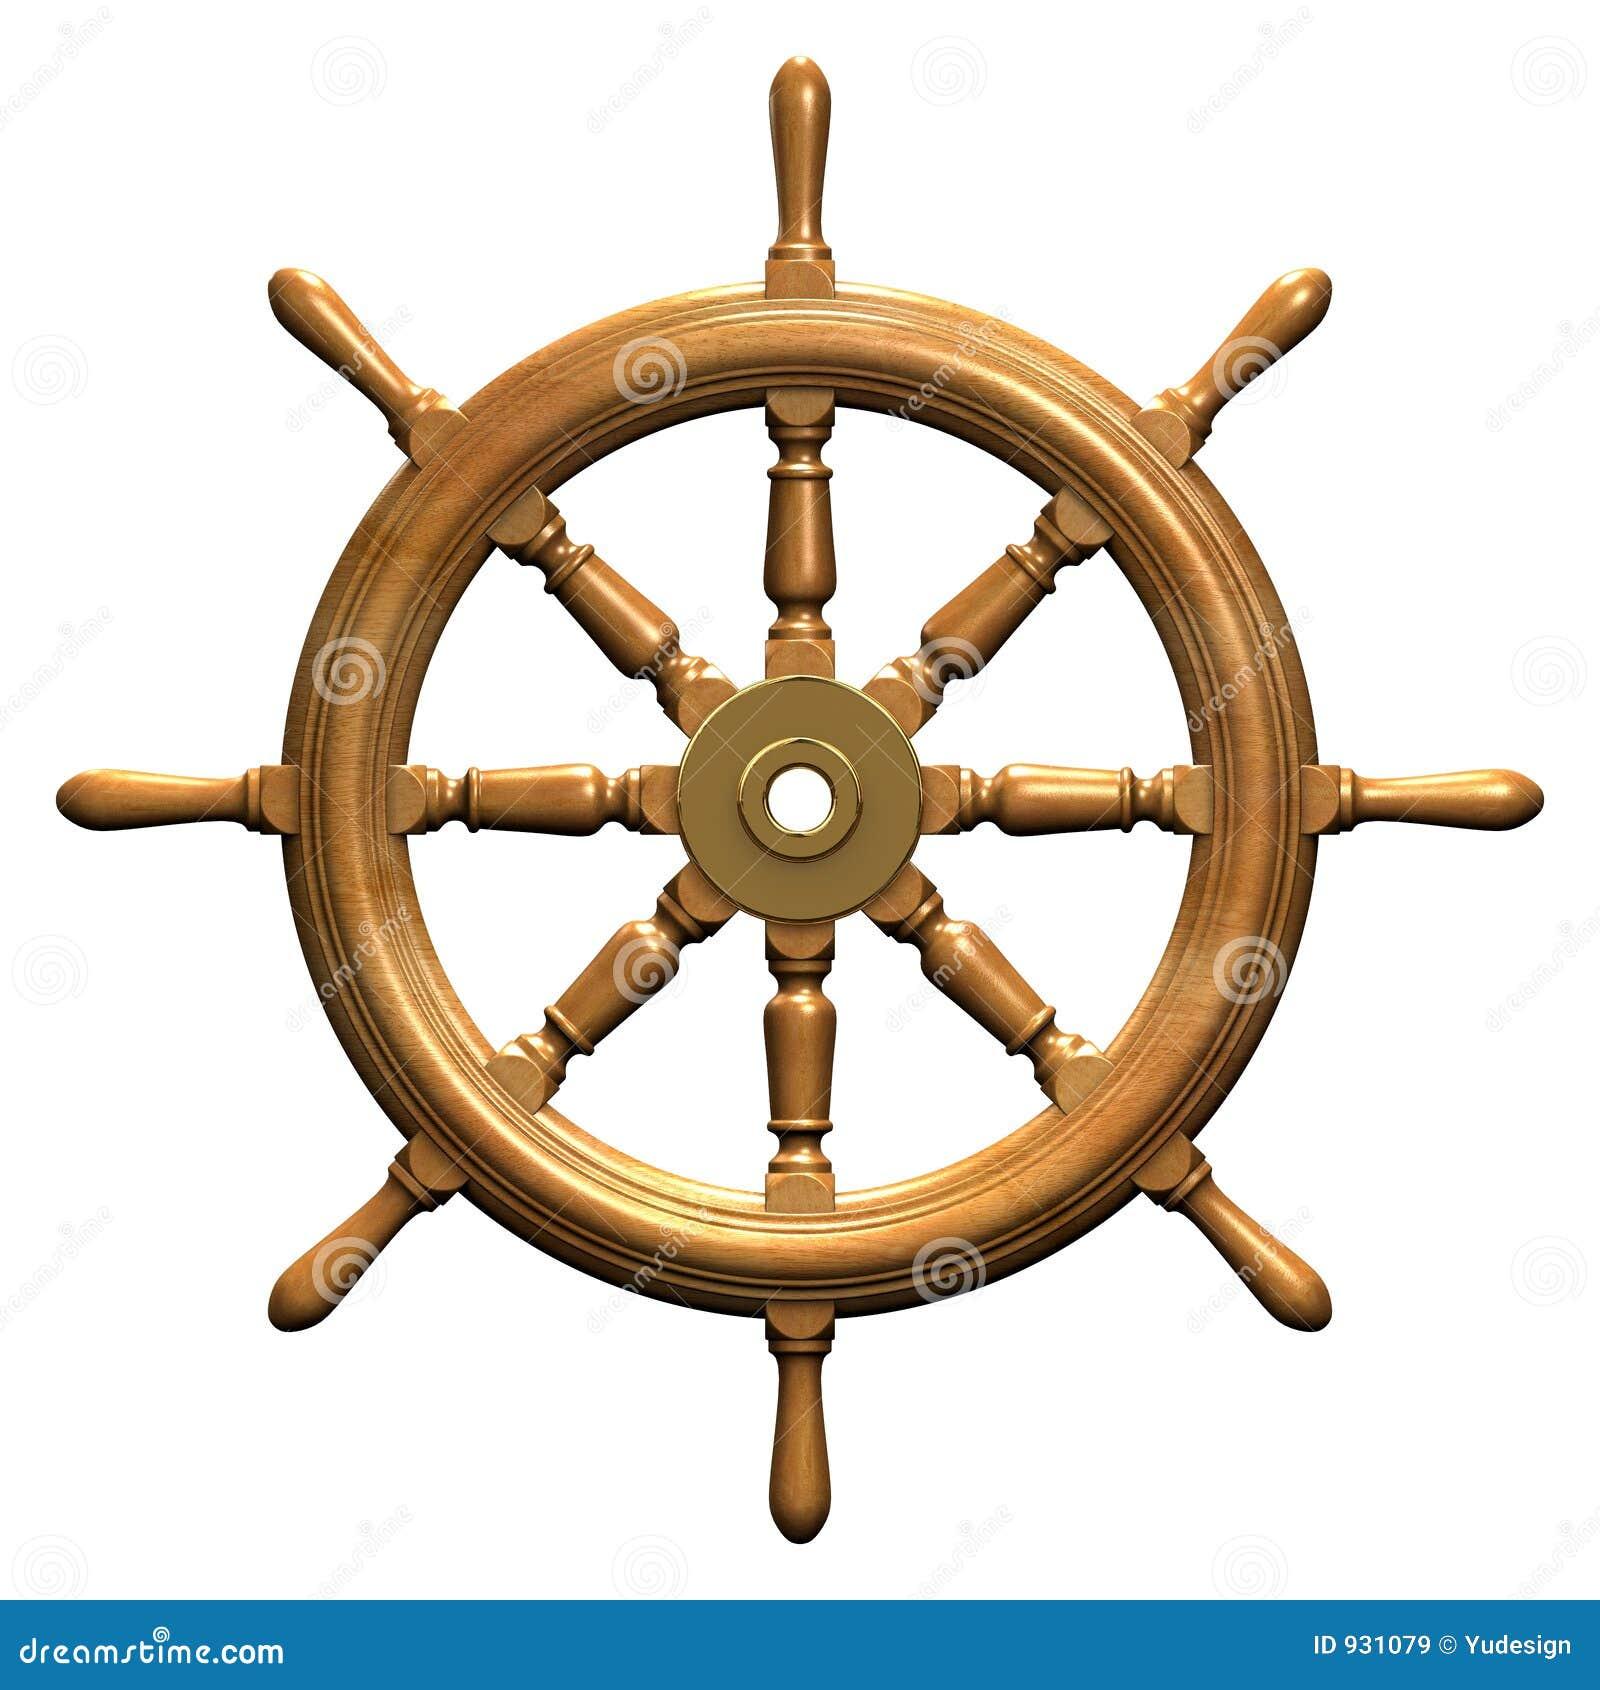 Roue de bateau images libres de droits image 931079 - Bateau sur roues ...